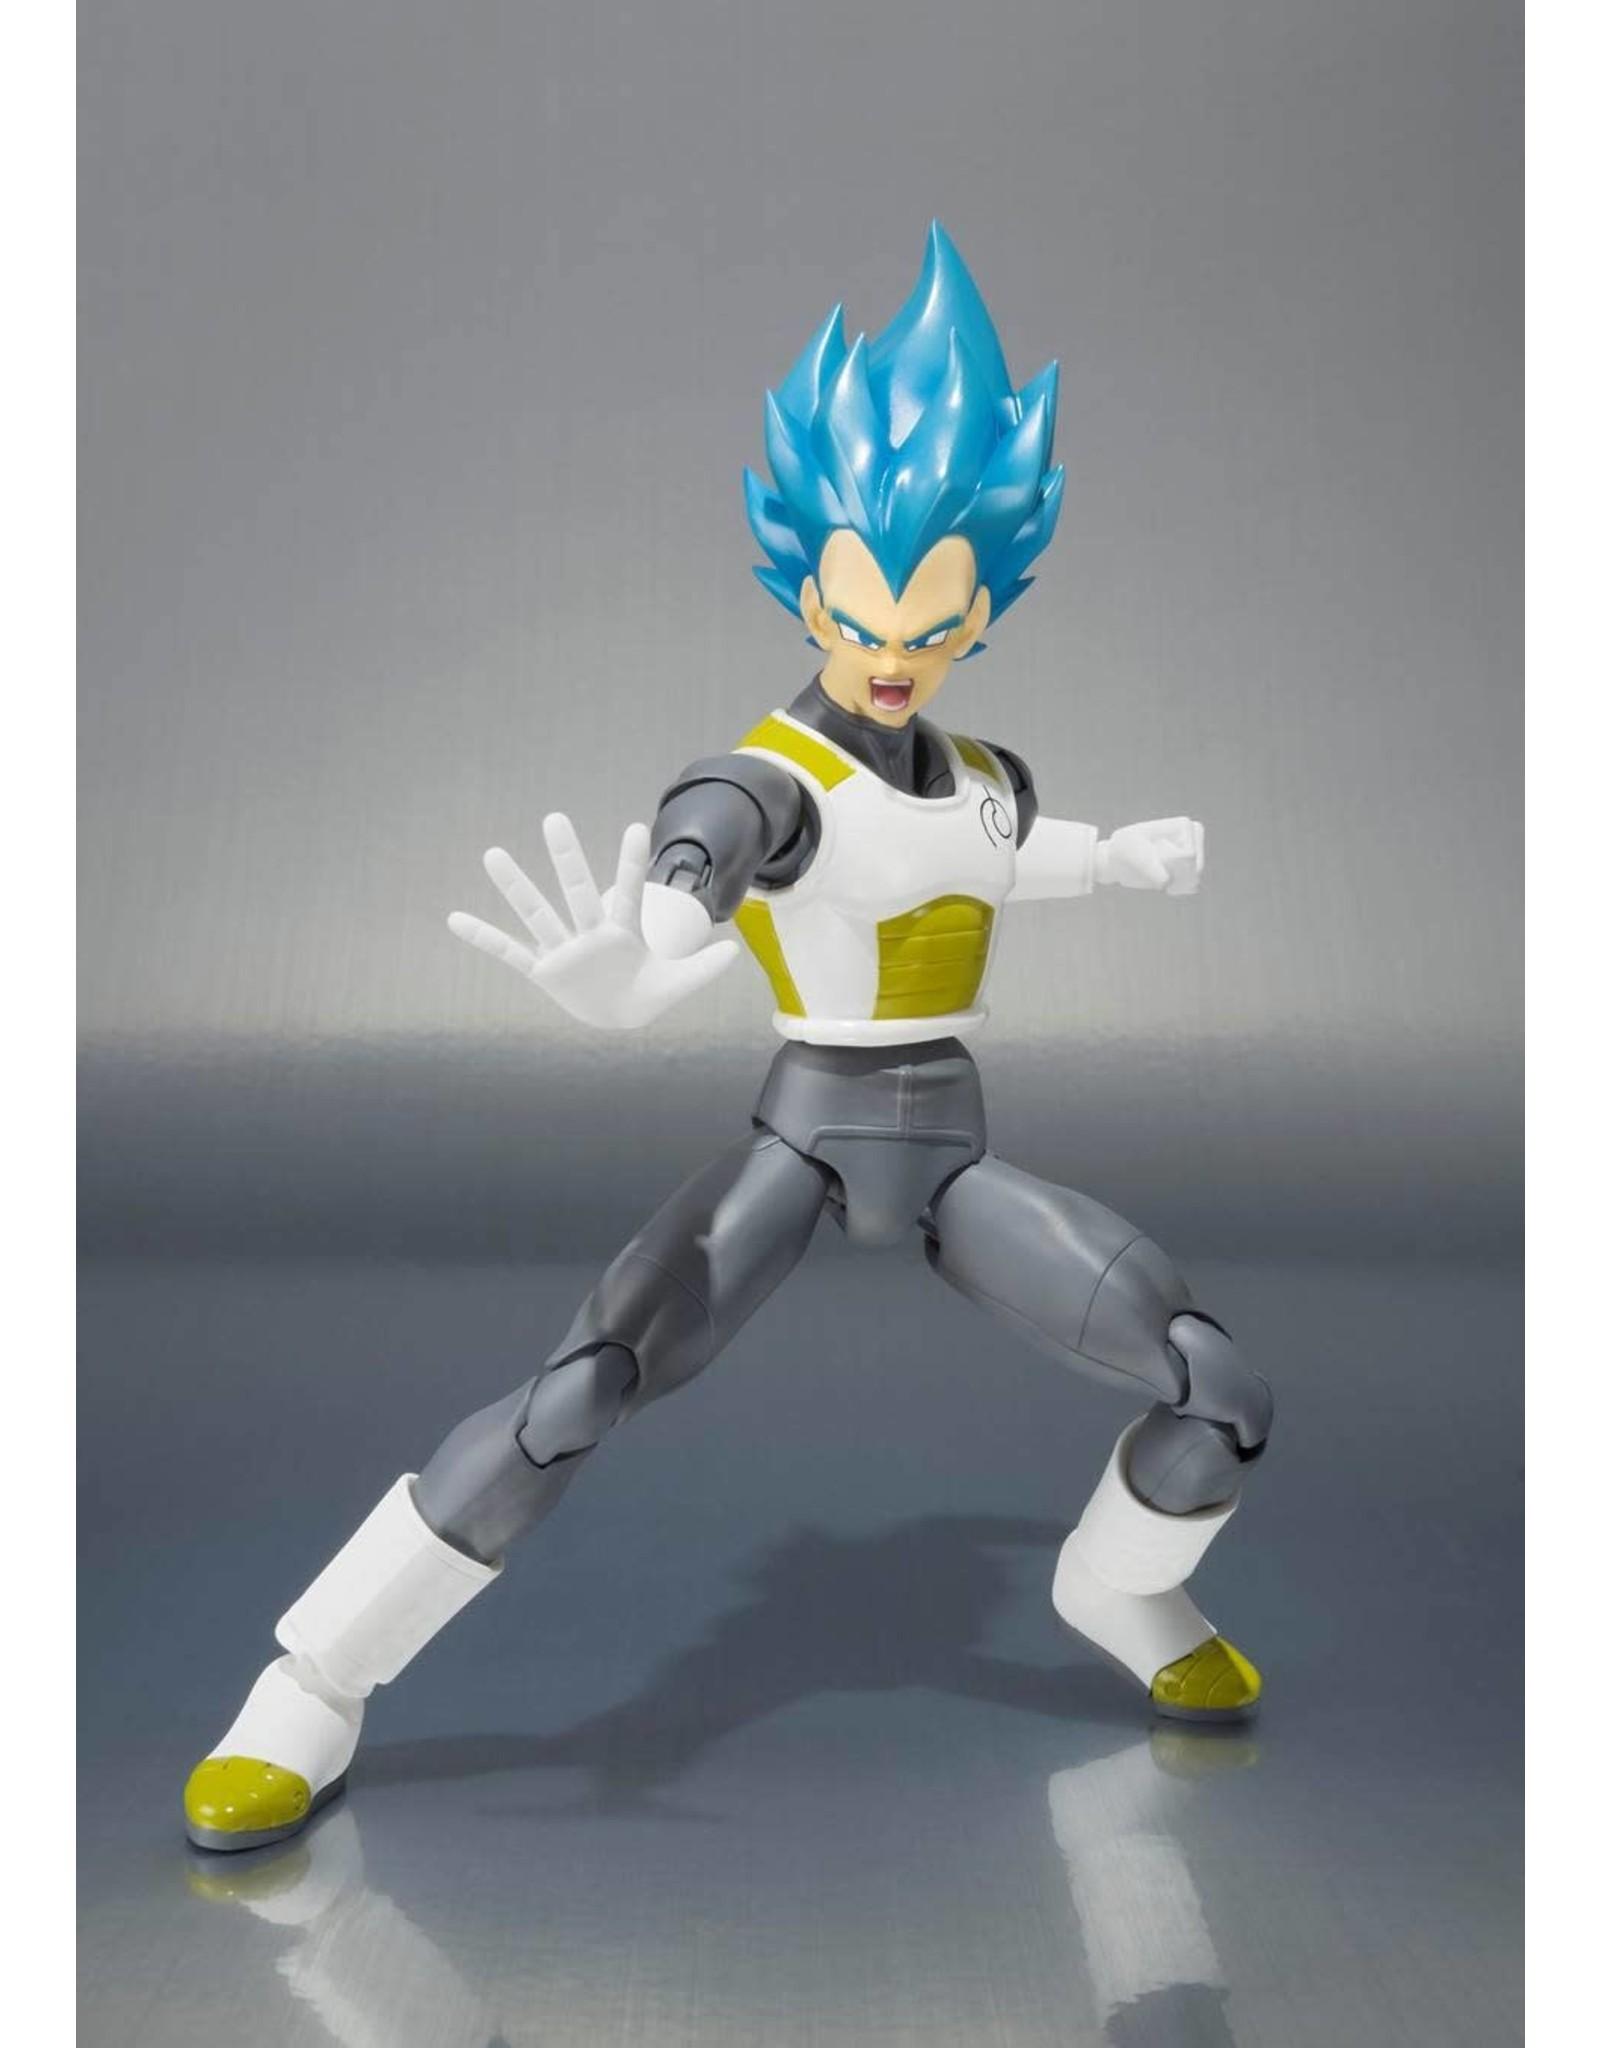 Bandai DRAGON BALL Z - Super S God Super S Vegata Figuarts